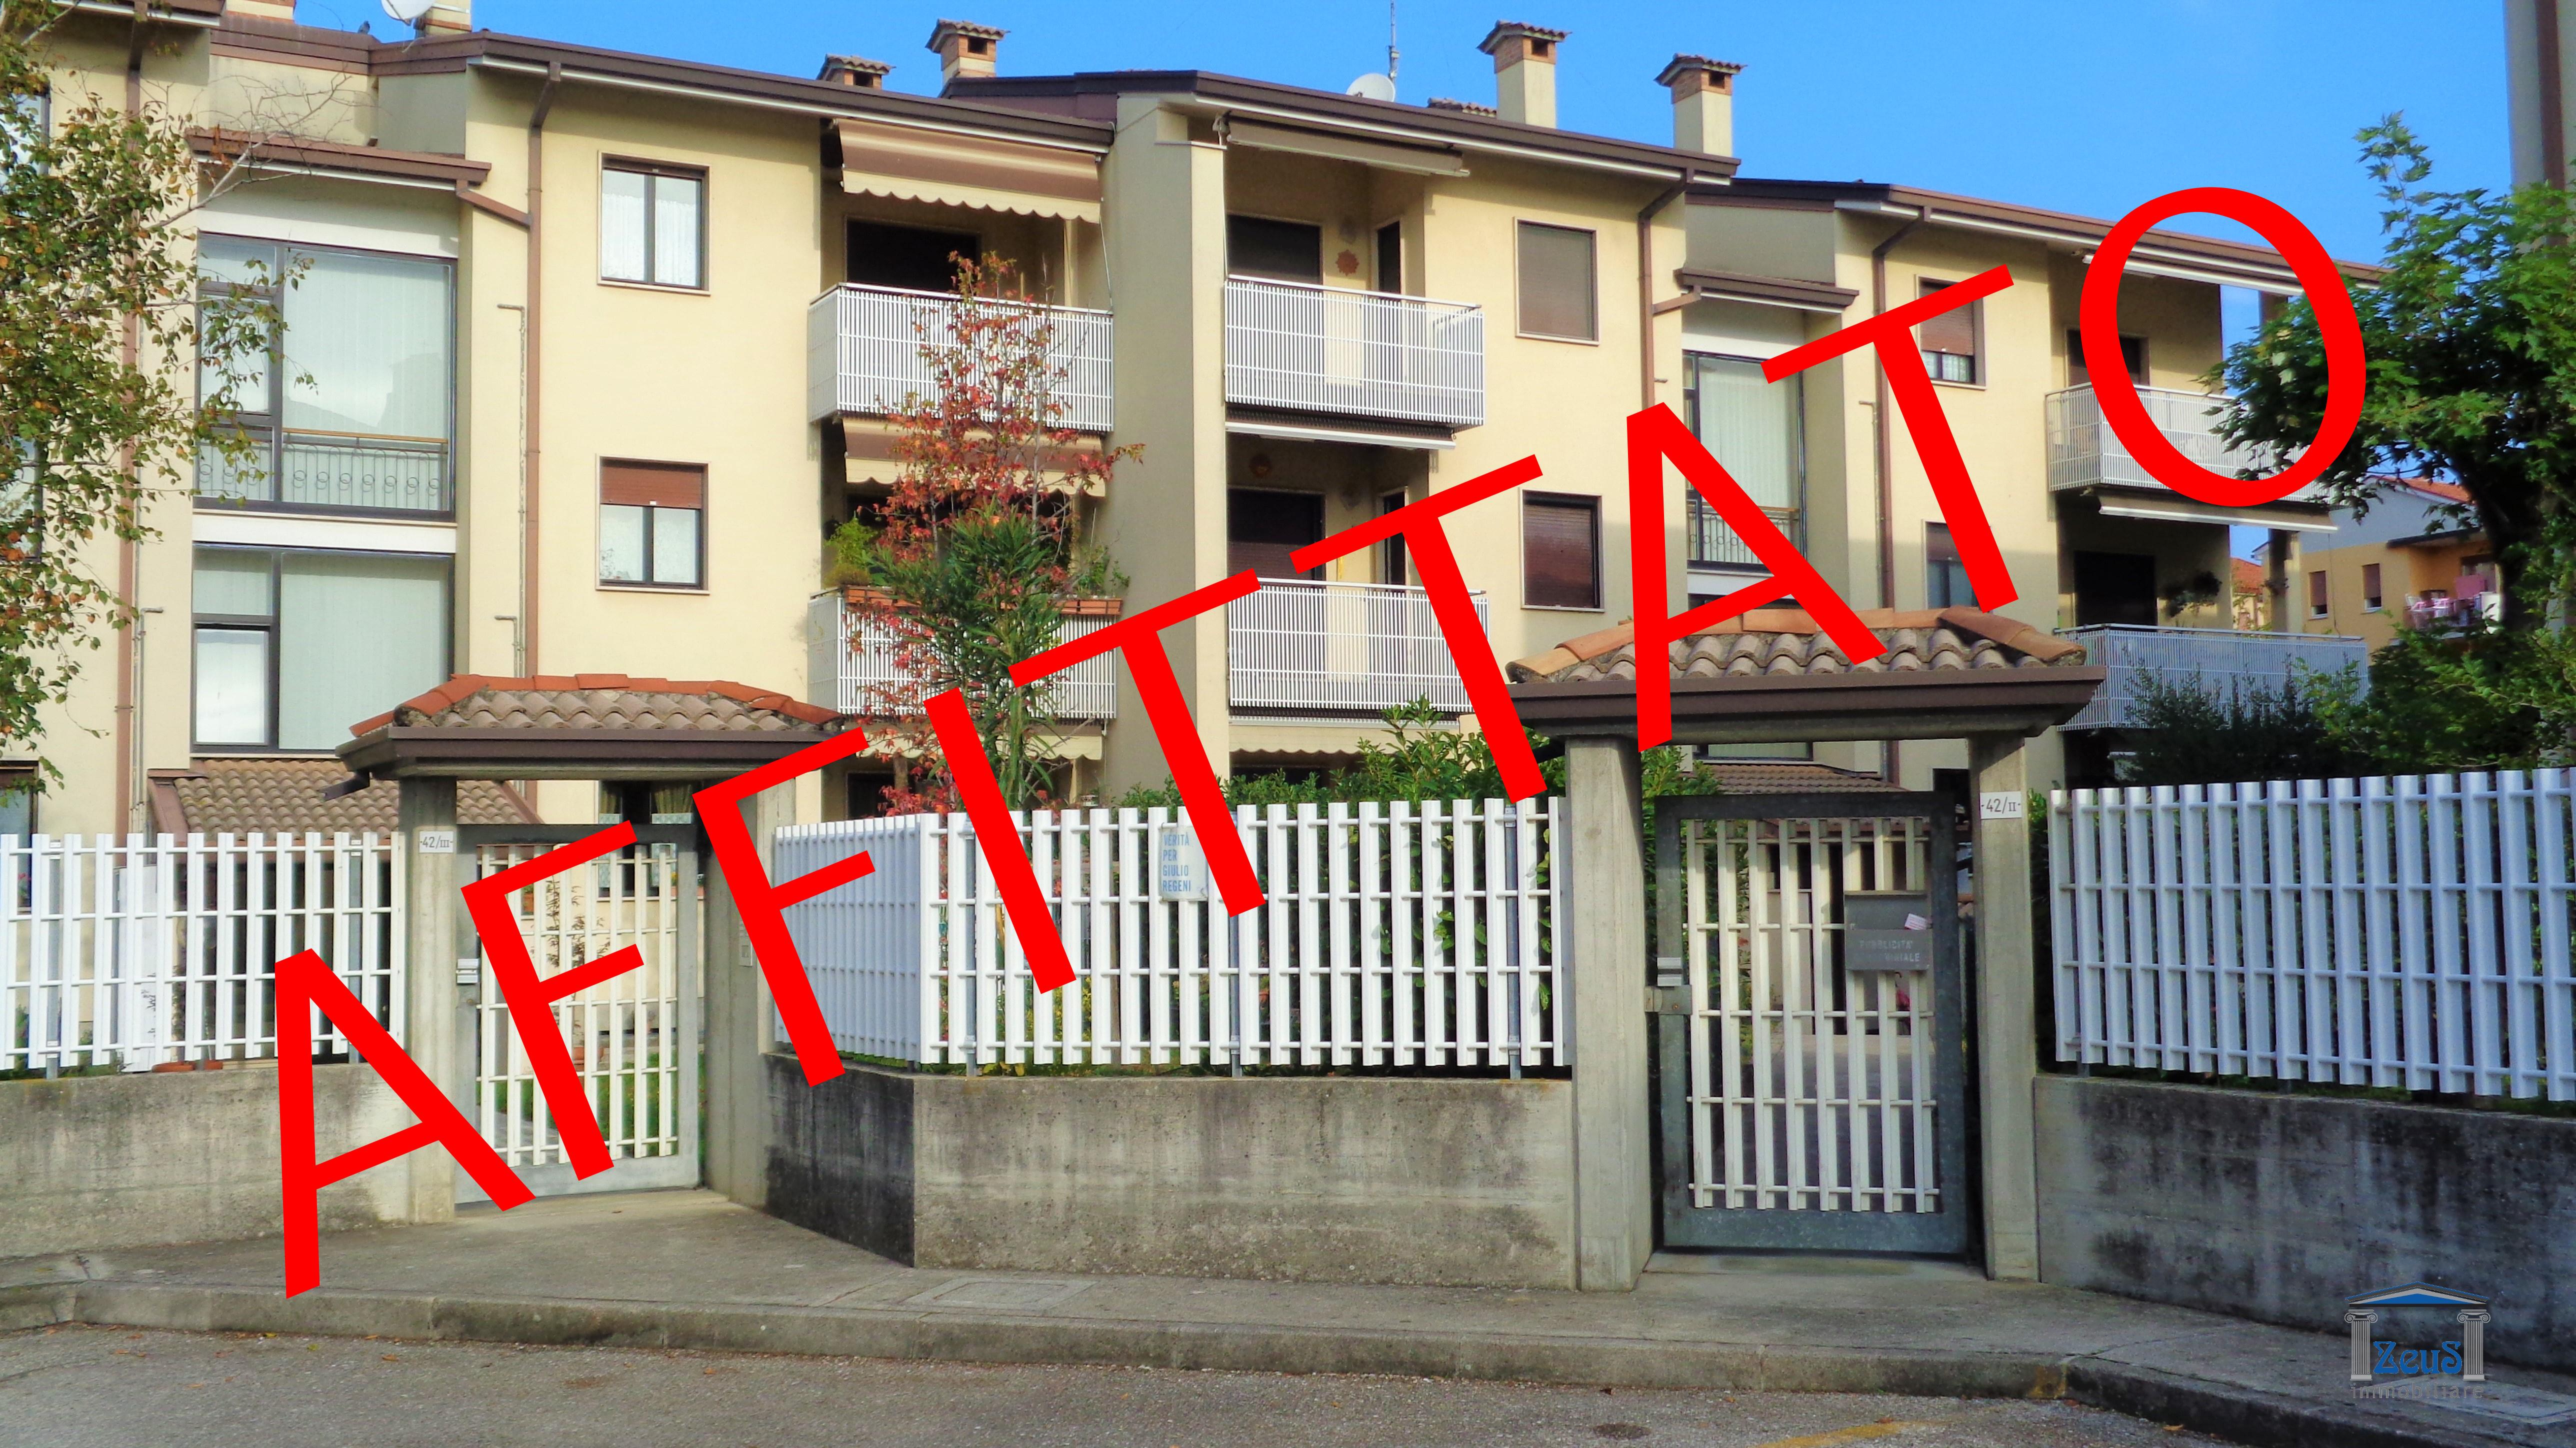 Appartamento bicamere arredato a Ronchi dei Legionari